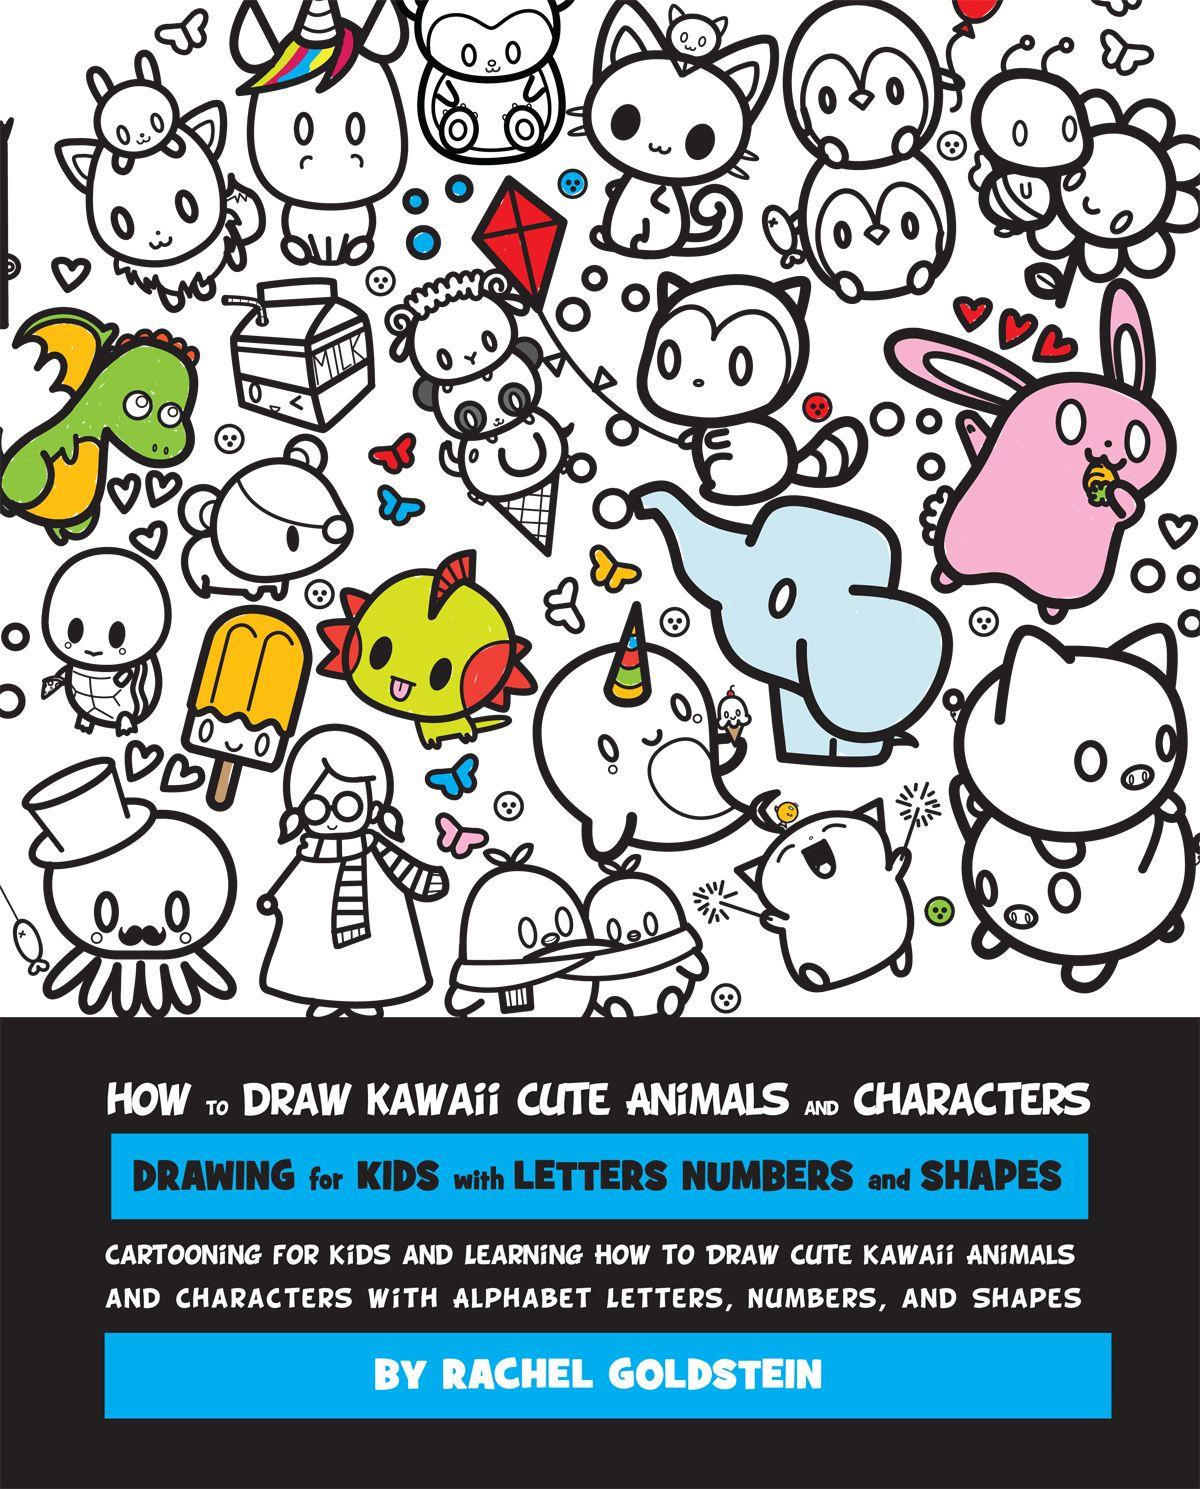 Drawing Kawaii Cute Animals and Characters Cute kawaii